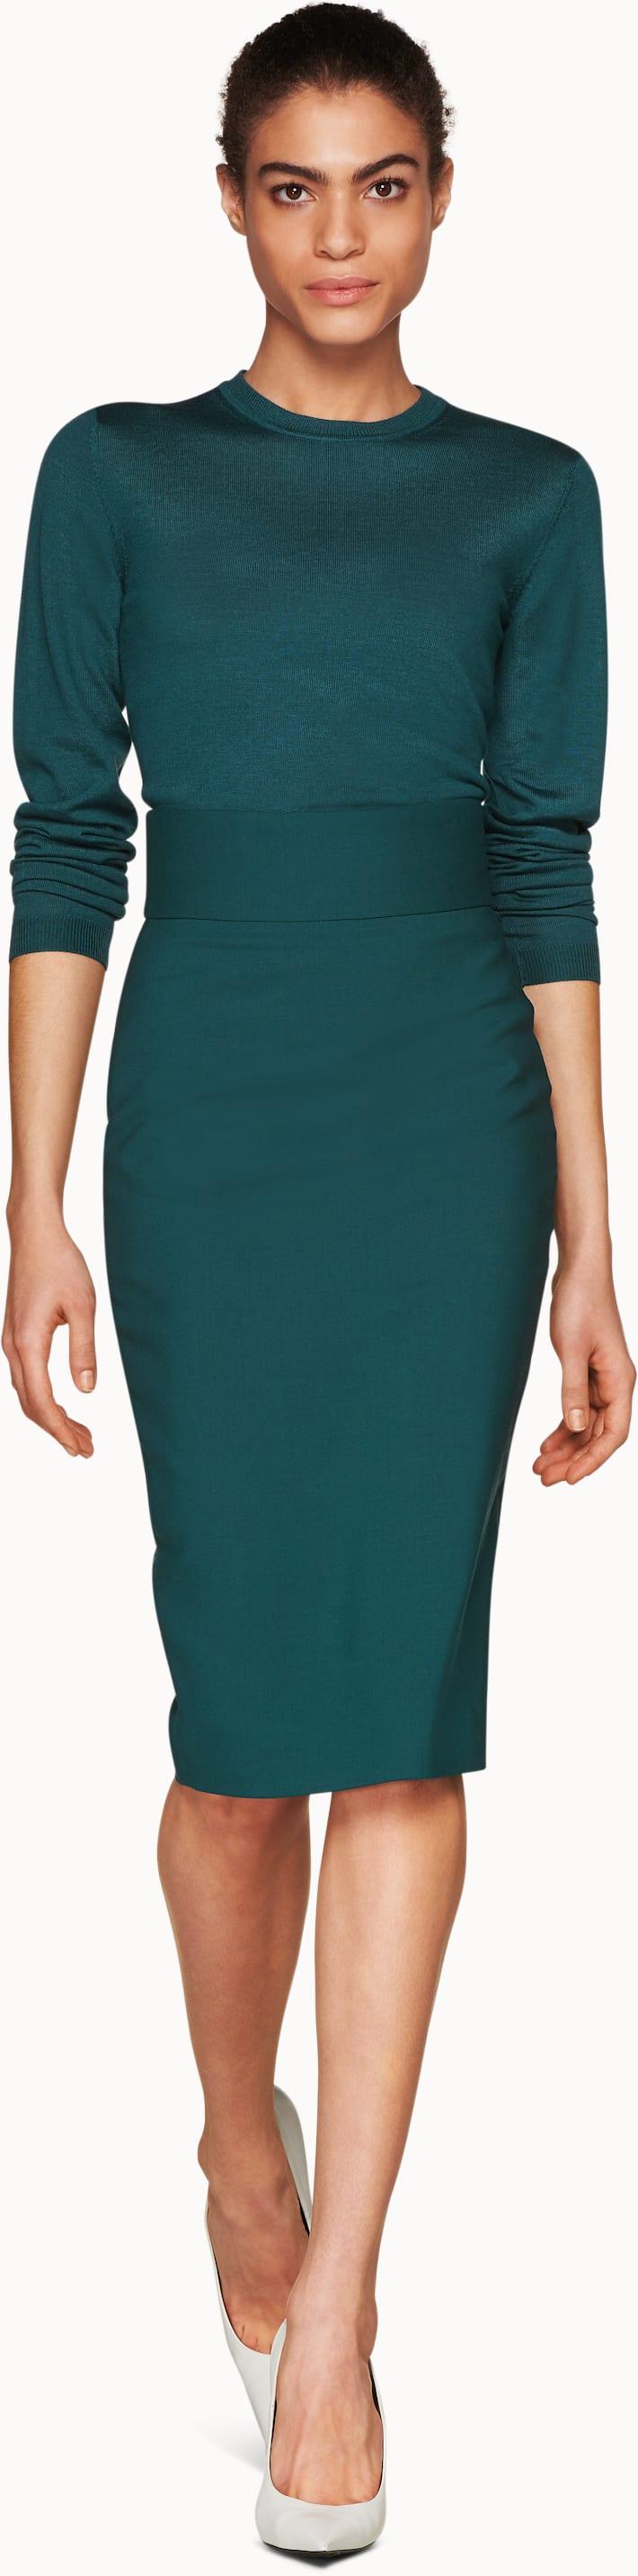 Ariel Teal  Skirt